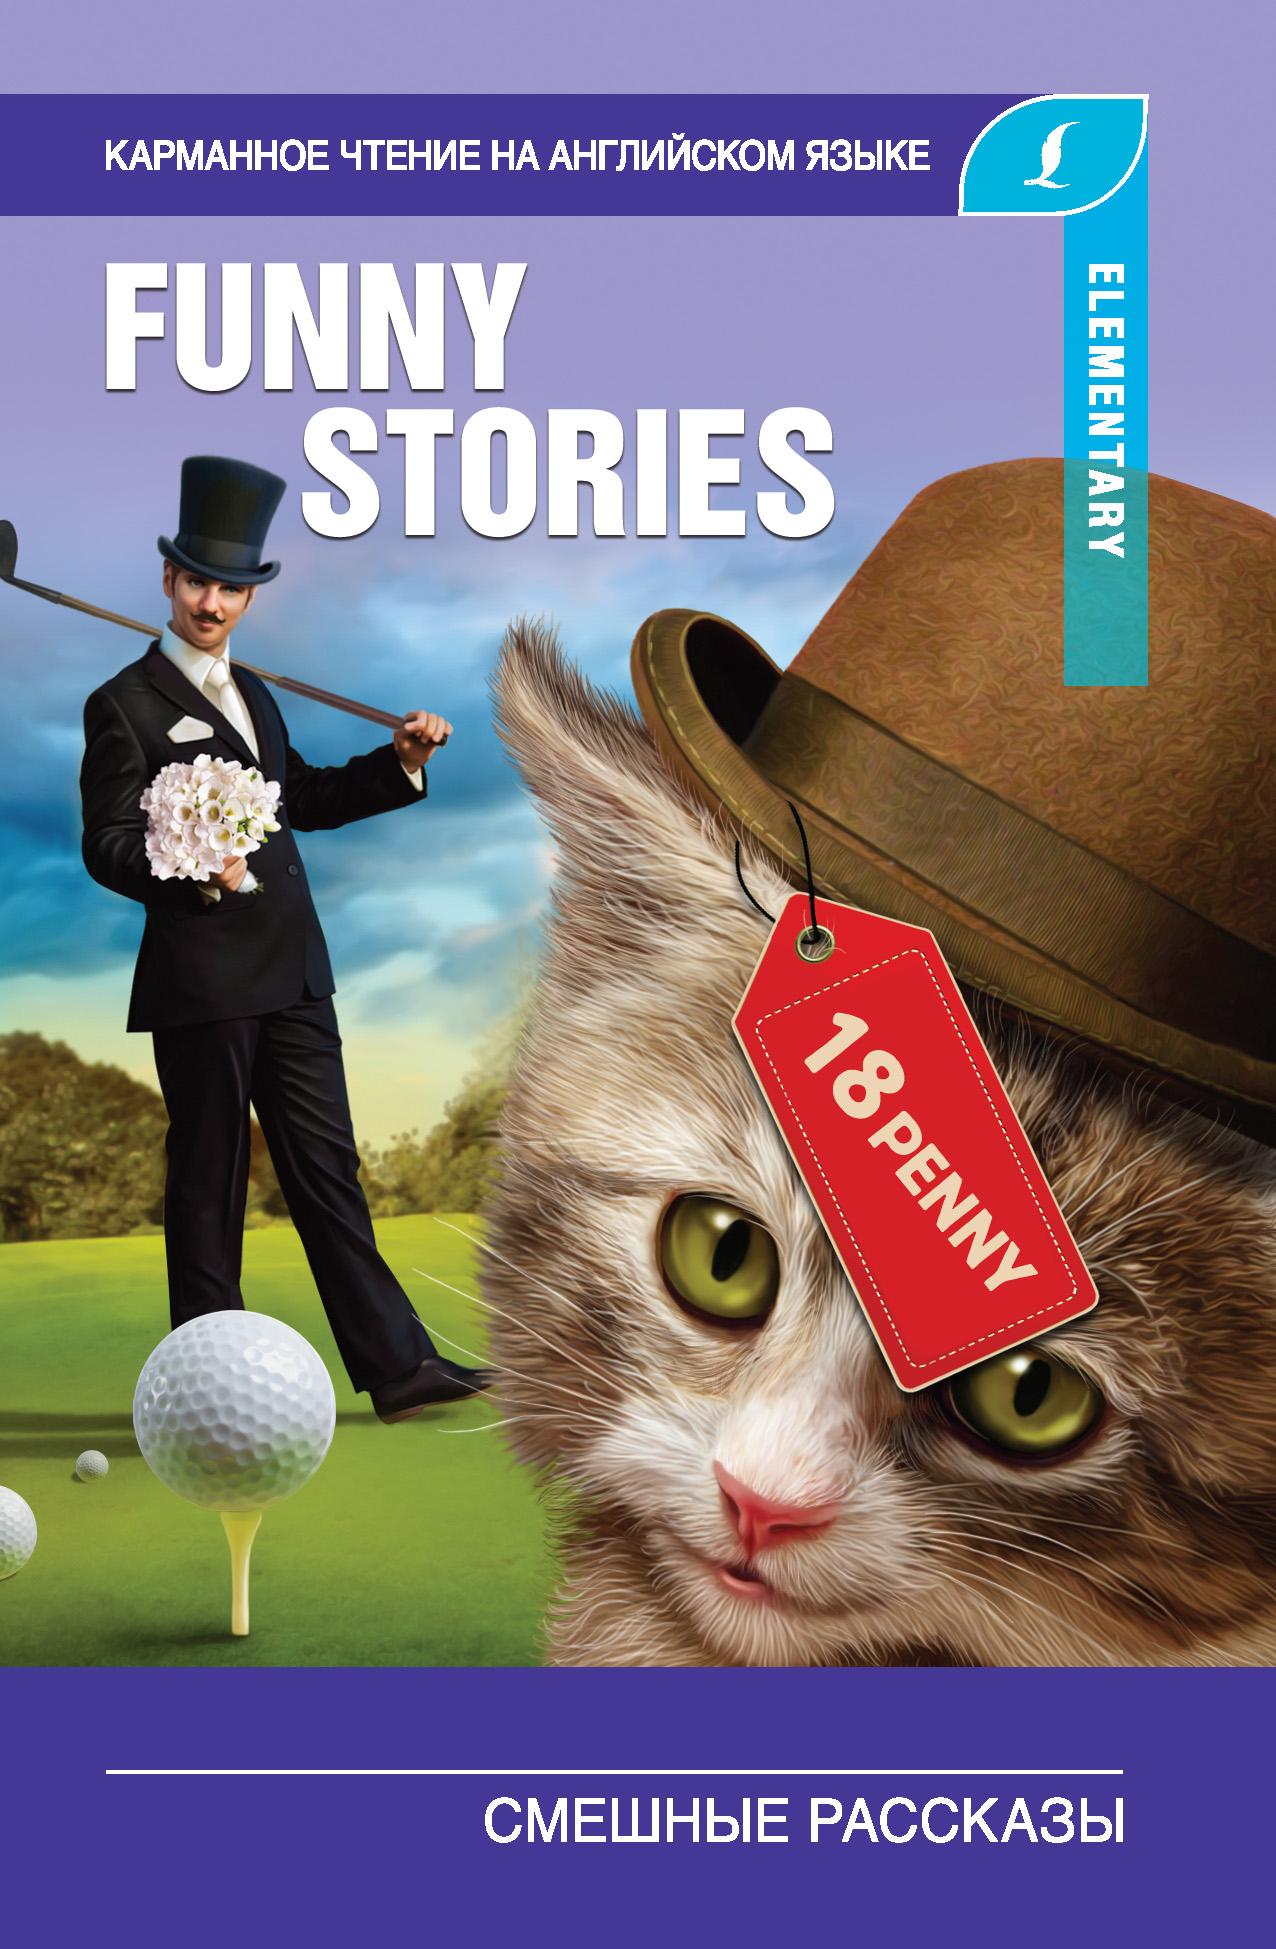 Смешные рассказы / The Funny Stories